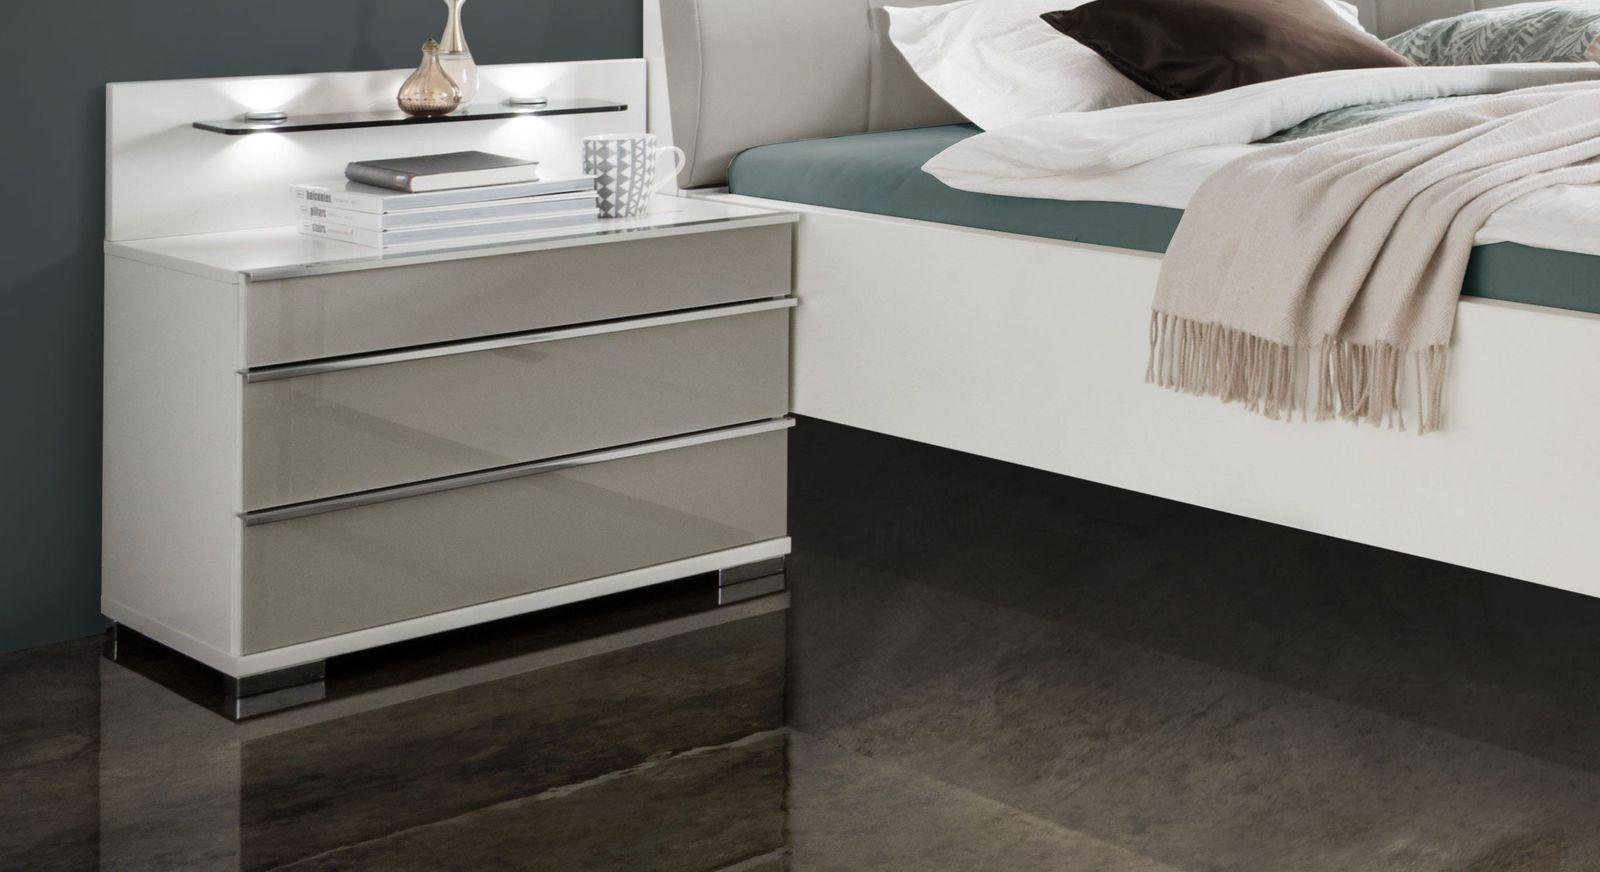 Nachttisch Shanvalley mit attraktiver Glasfront